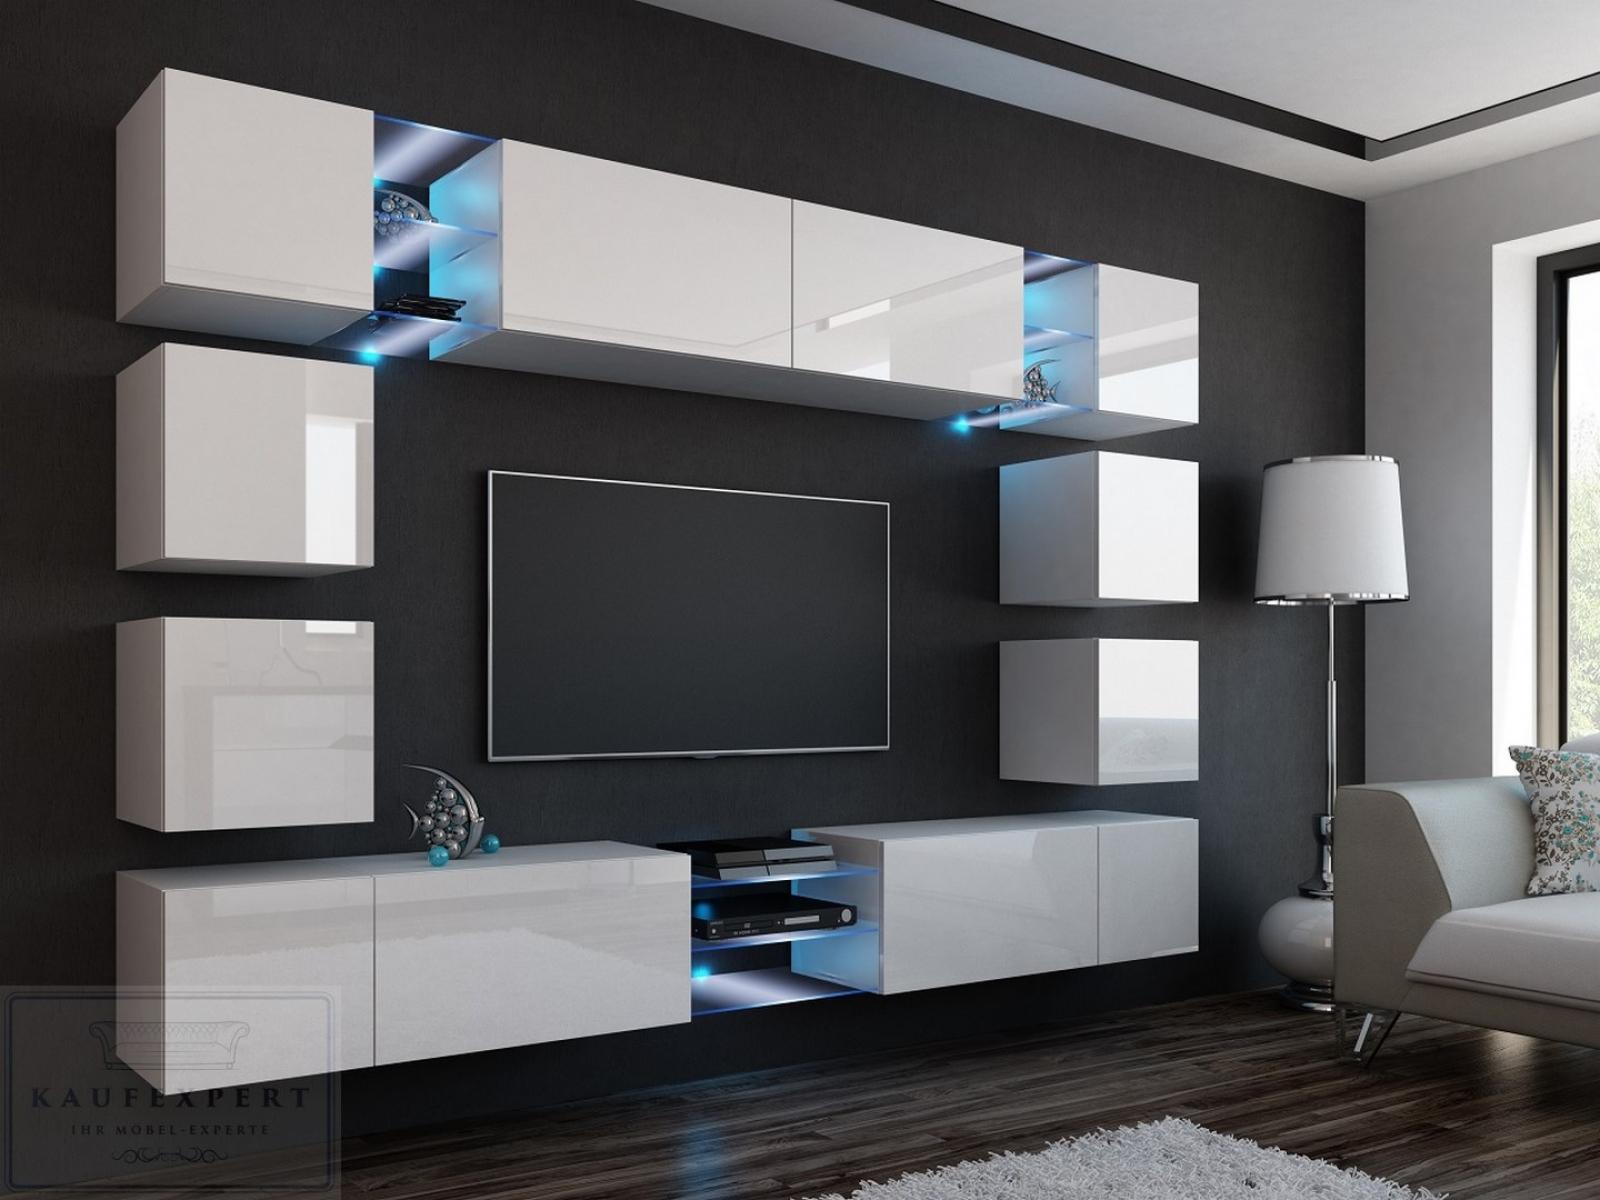 Hängeschrank Weiß Wohnzimmer